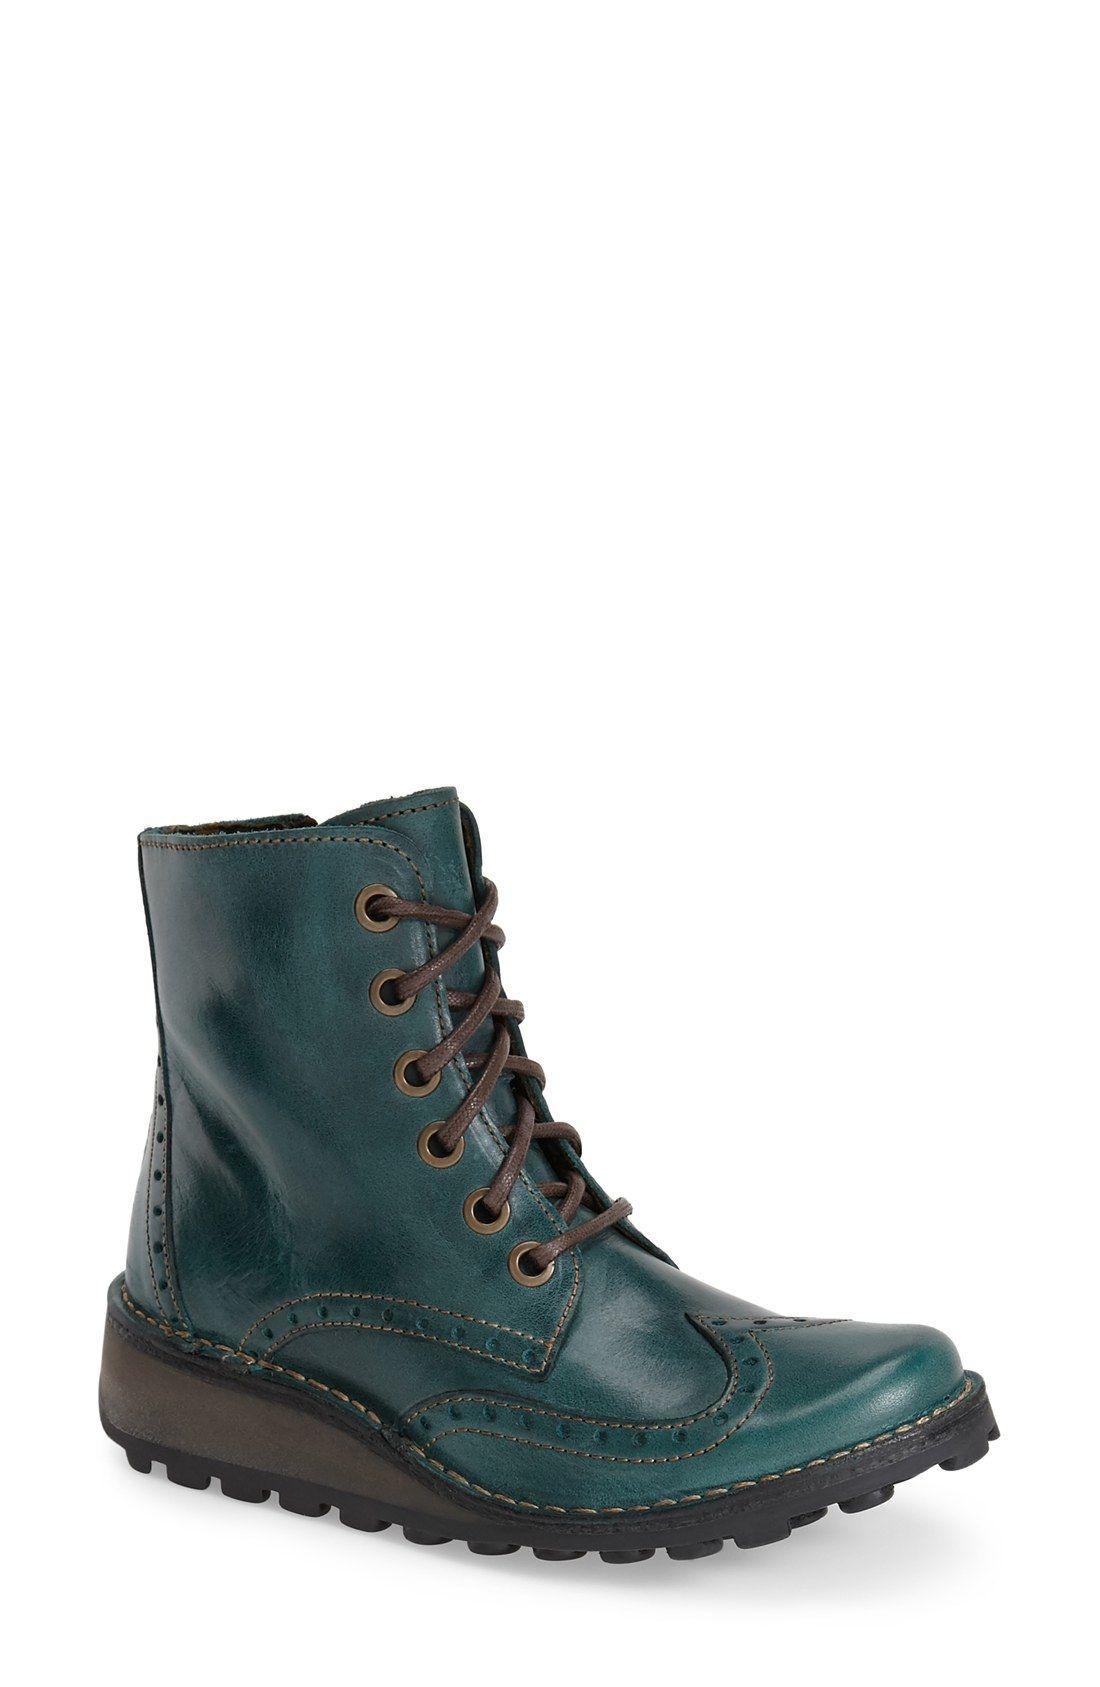 d6e1a221c48 Fly London  Marl  Wedge Boot (Women)